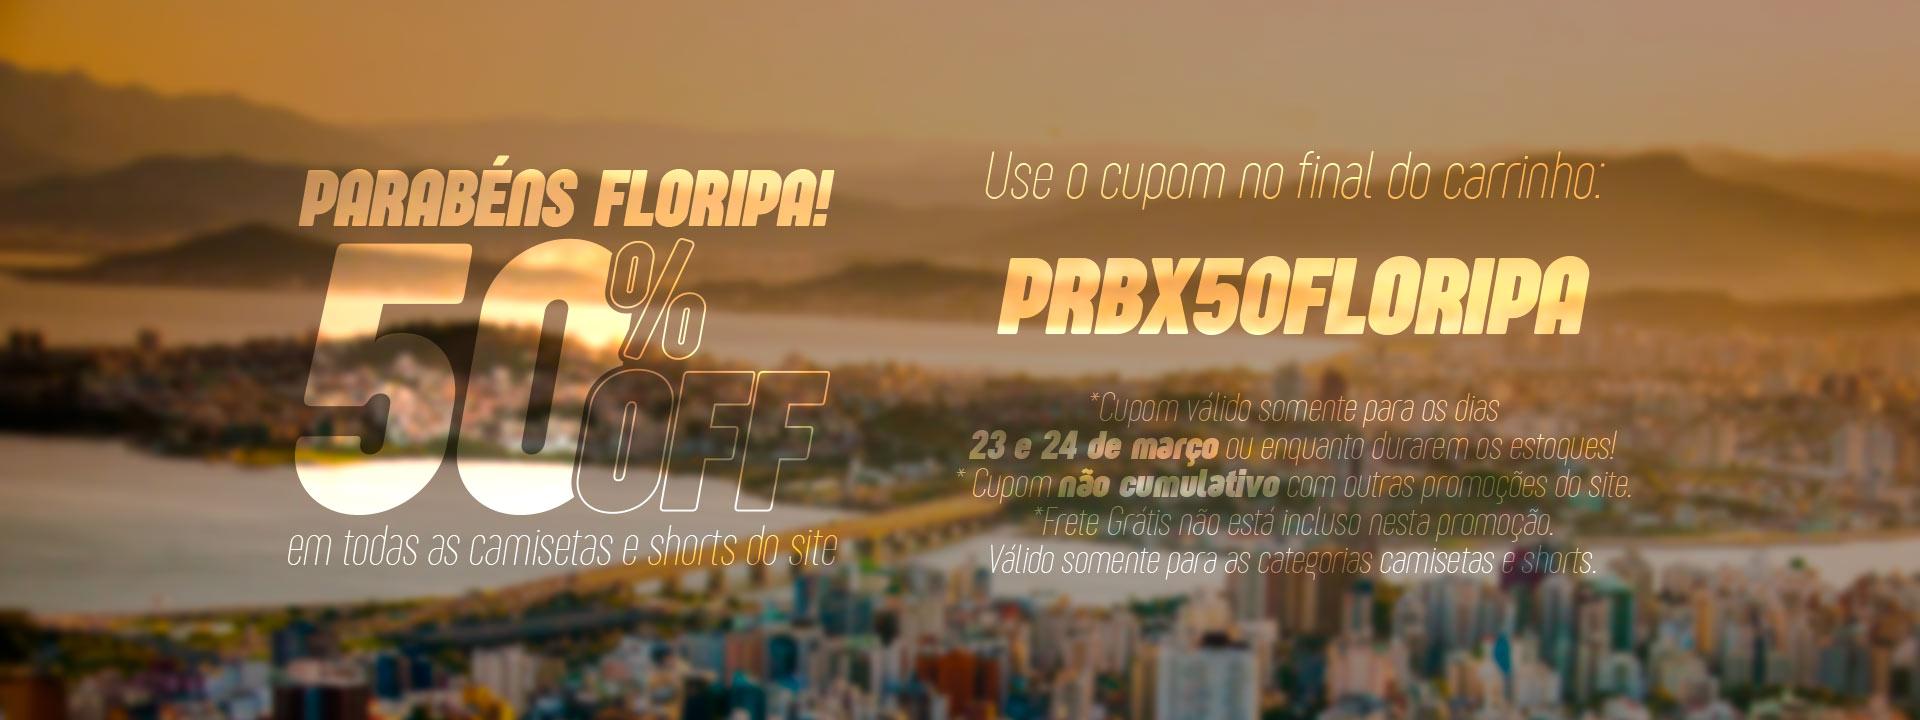 50% de desconto no aniversário de florianópolis